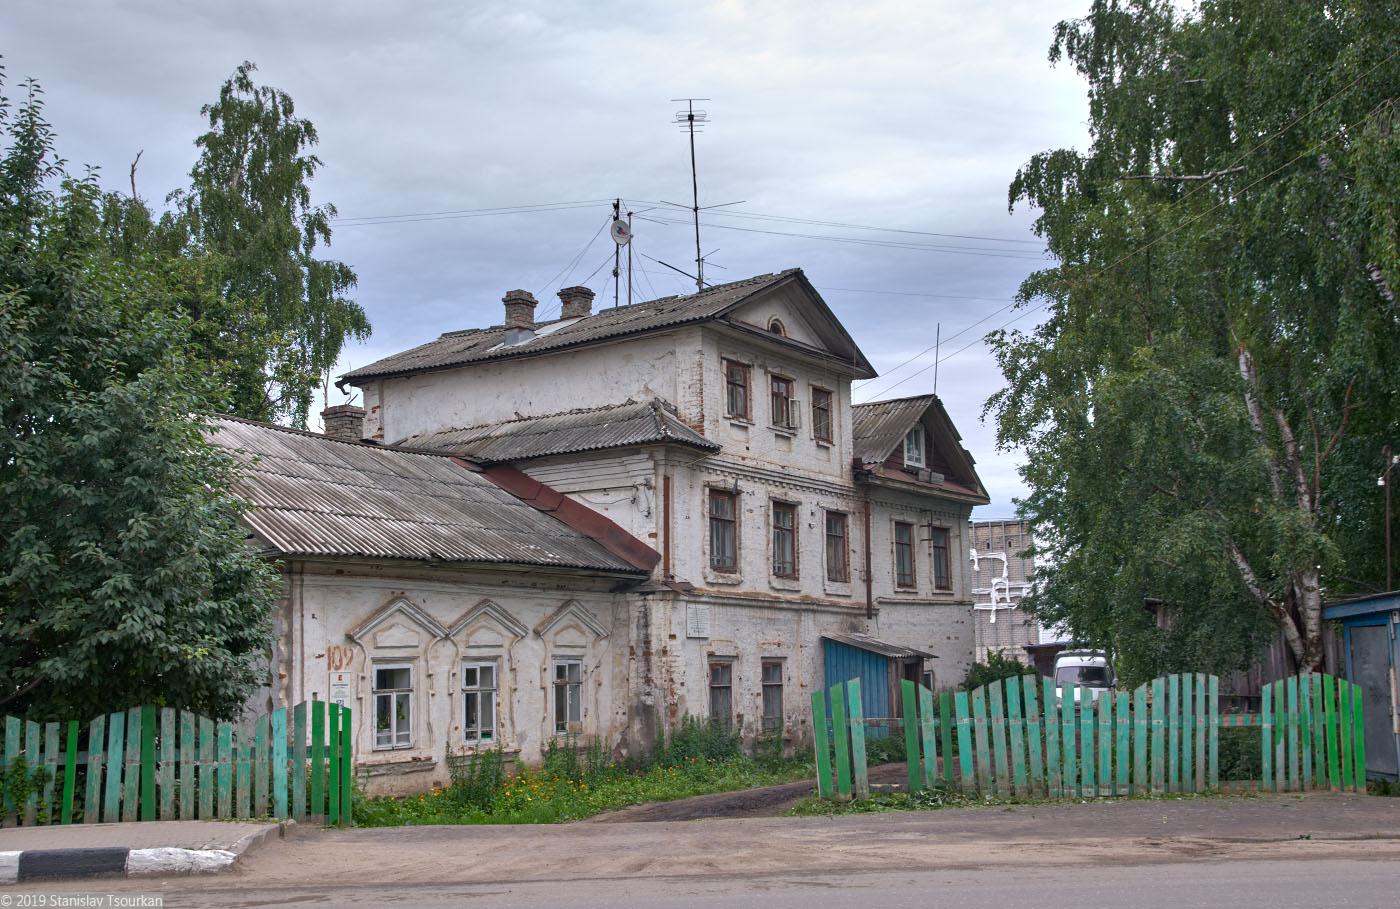 Вологодская область, Вологодчина, Великий устюг, Русский север, Красная улица, дом 109